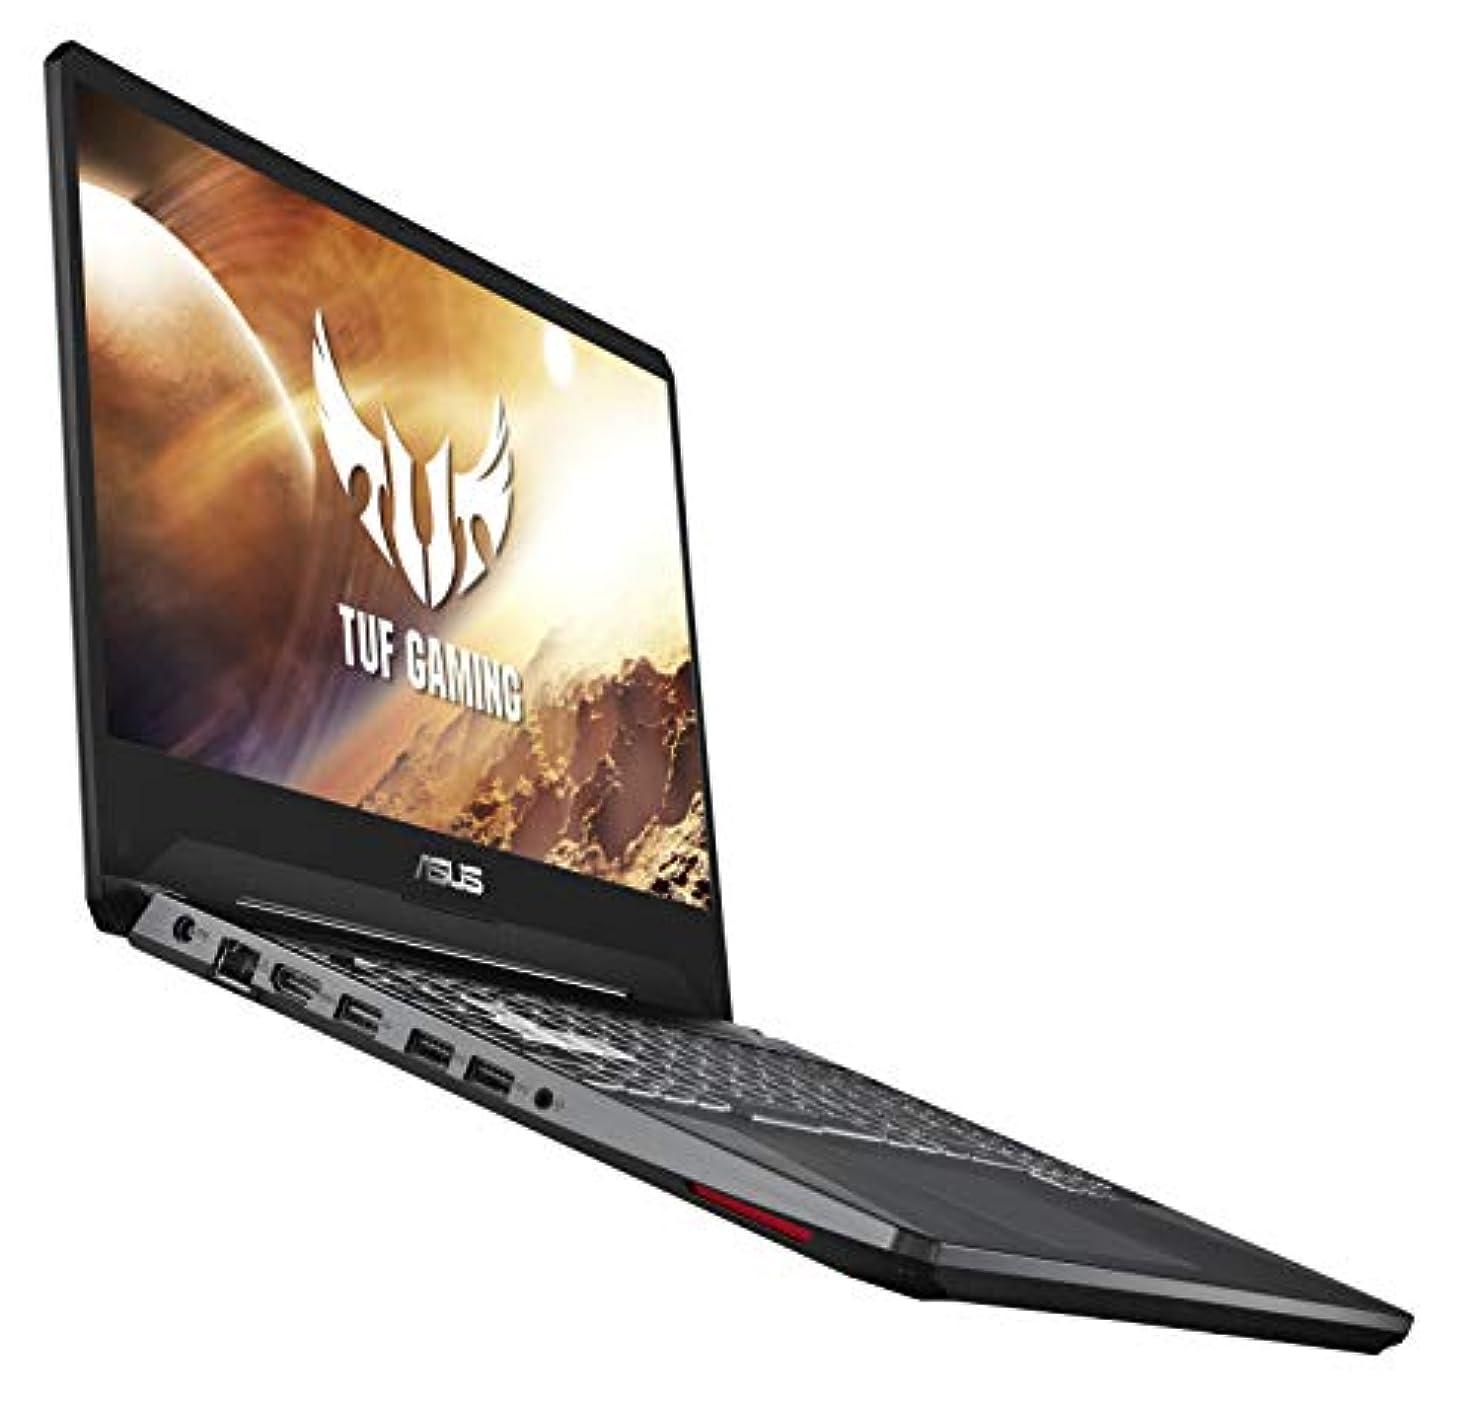 固執たっぷり倒産ASUS TUF(2019)ゲームのラップトップ、15.6  120HzのフルHD IPS型、AMD Ryzen 7 3750H、のGeForce GTX 1650、8ギガバイトDDR4、512ギガバイトのPCIe SSD、ギガビットのWi-Fi 5、Windowsの10ホーム、FX505DT-EB73